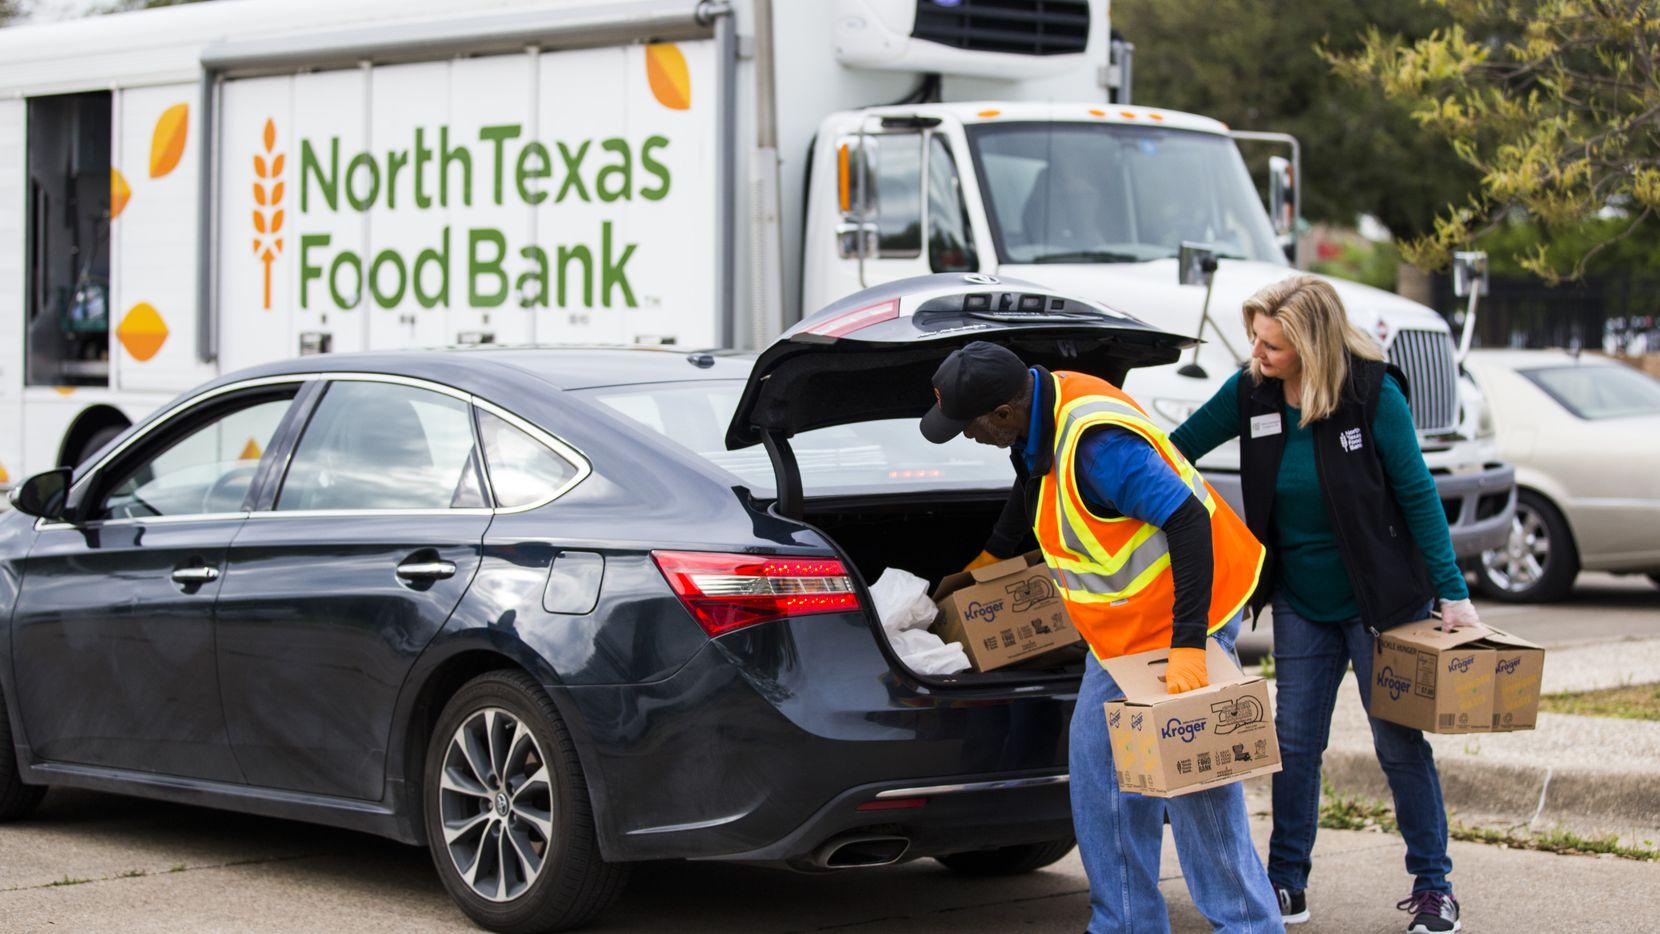 Con ayuda de voluntarios, el North Texas Food Bank está entregando comida a familias afectadas por la crisis del coronavirus.